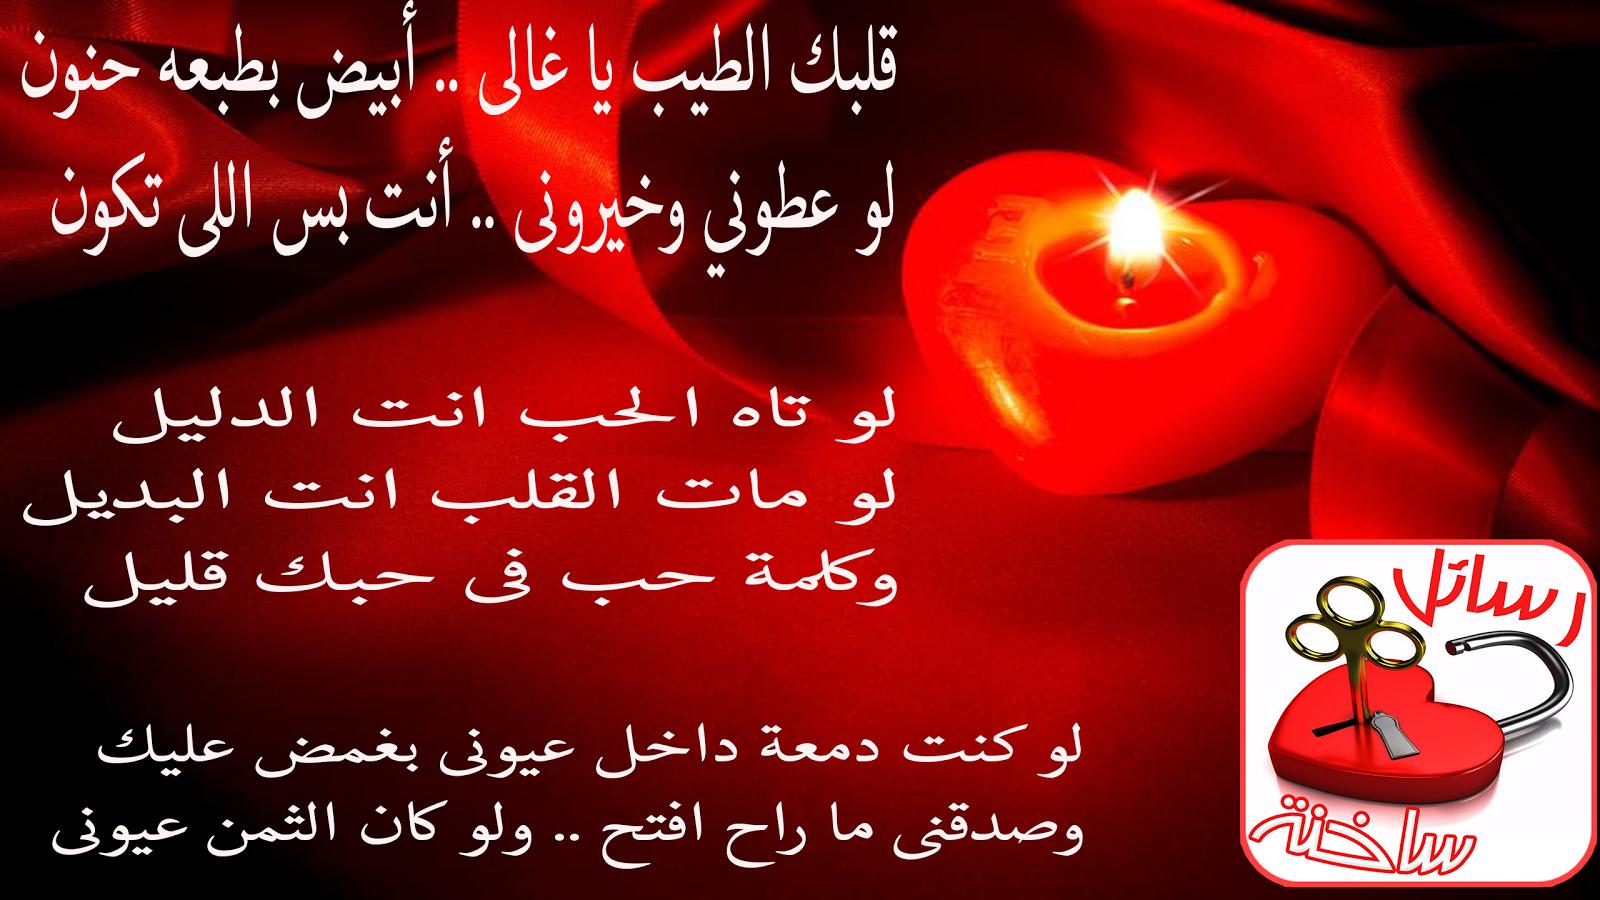 بالصور رسائل الحب والعشق , رسائل حب للحبيب 5854